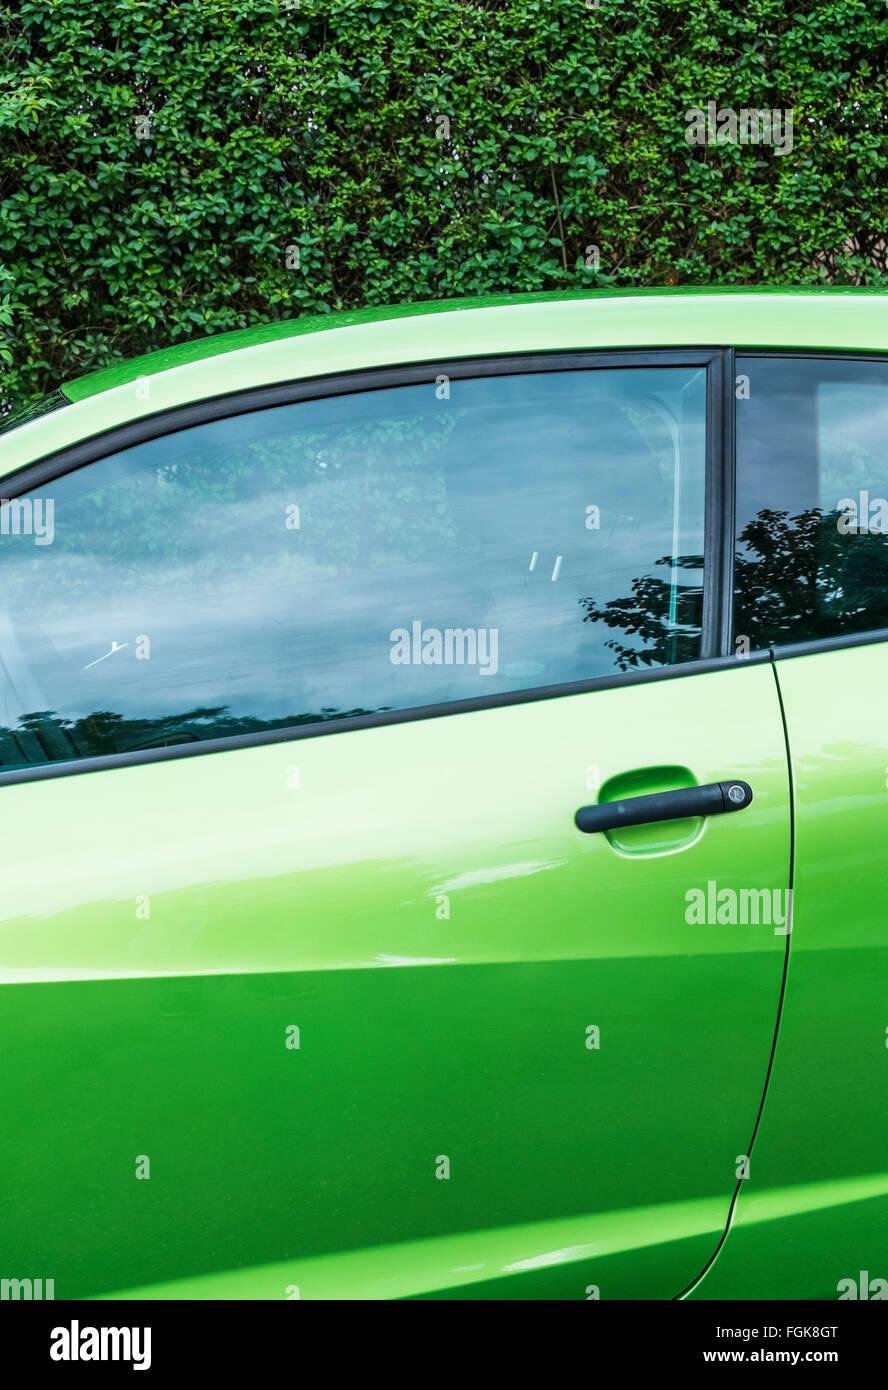 grünes Auto gegen dunkle grüne Hecke Stockbild